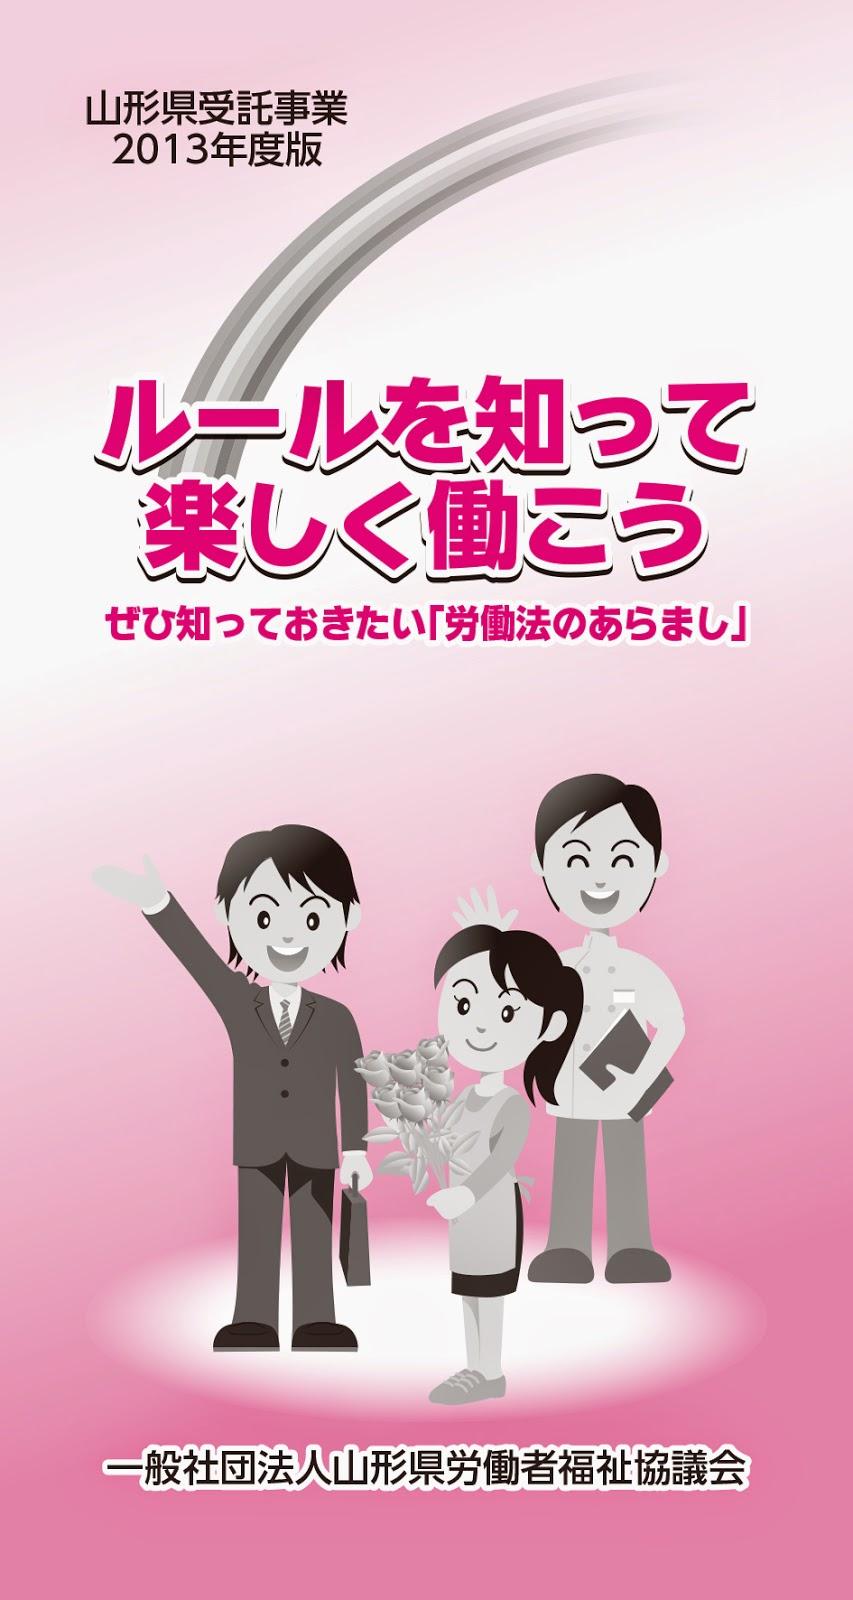 http://www.rofuku.net/network/activity_img/yamagata20130722105255.pdf